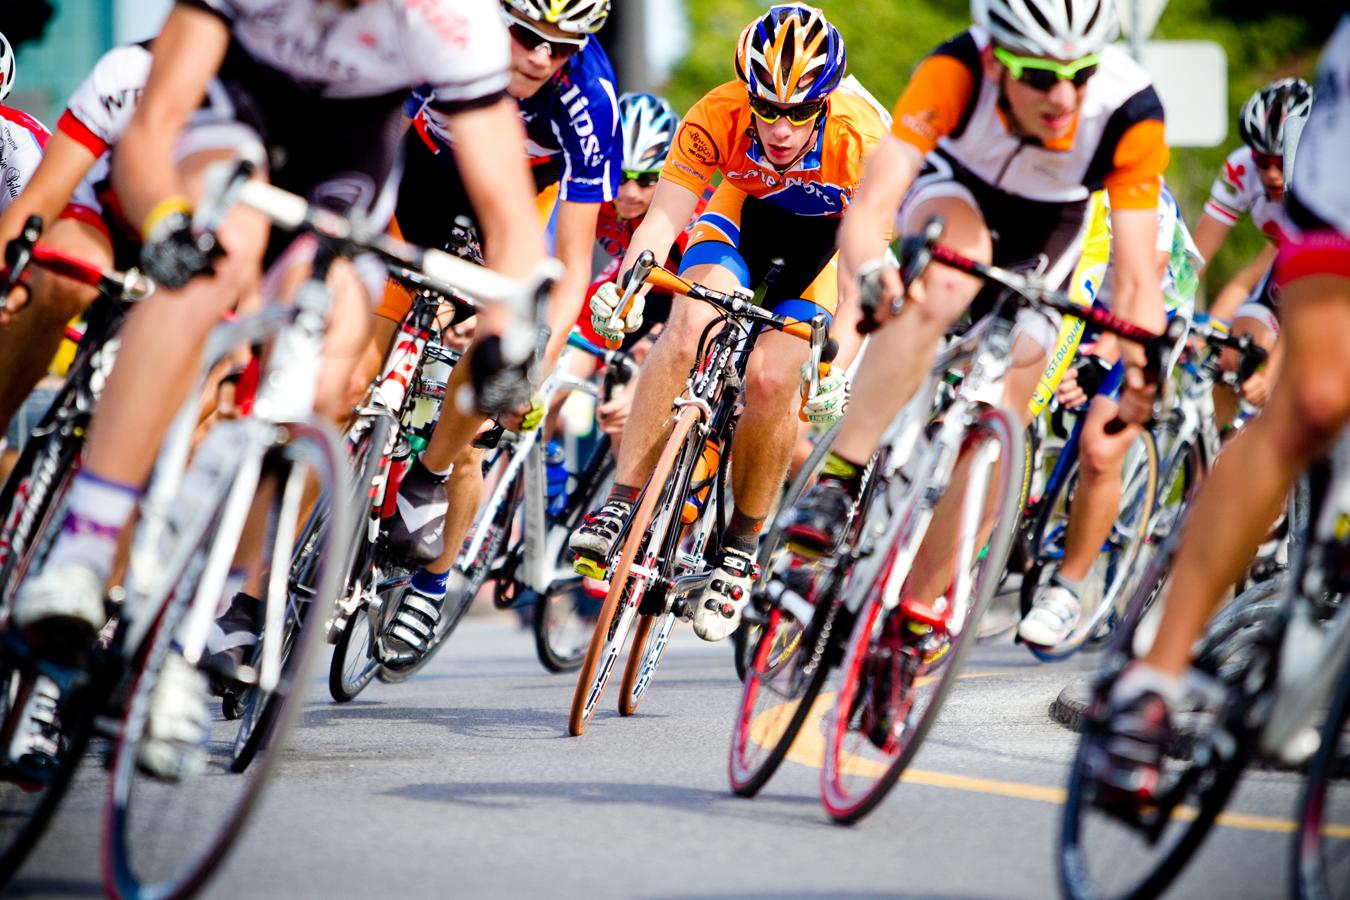 Cyclisme à la 45e finale des Jeux du Québec, Gatineau, 2010 (© Sébastien Lavallée)